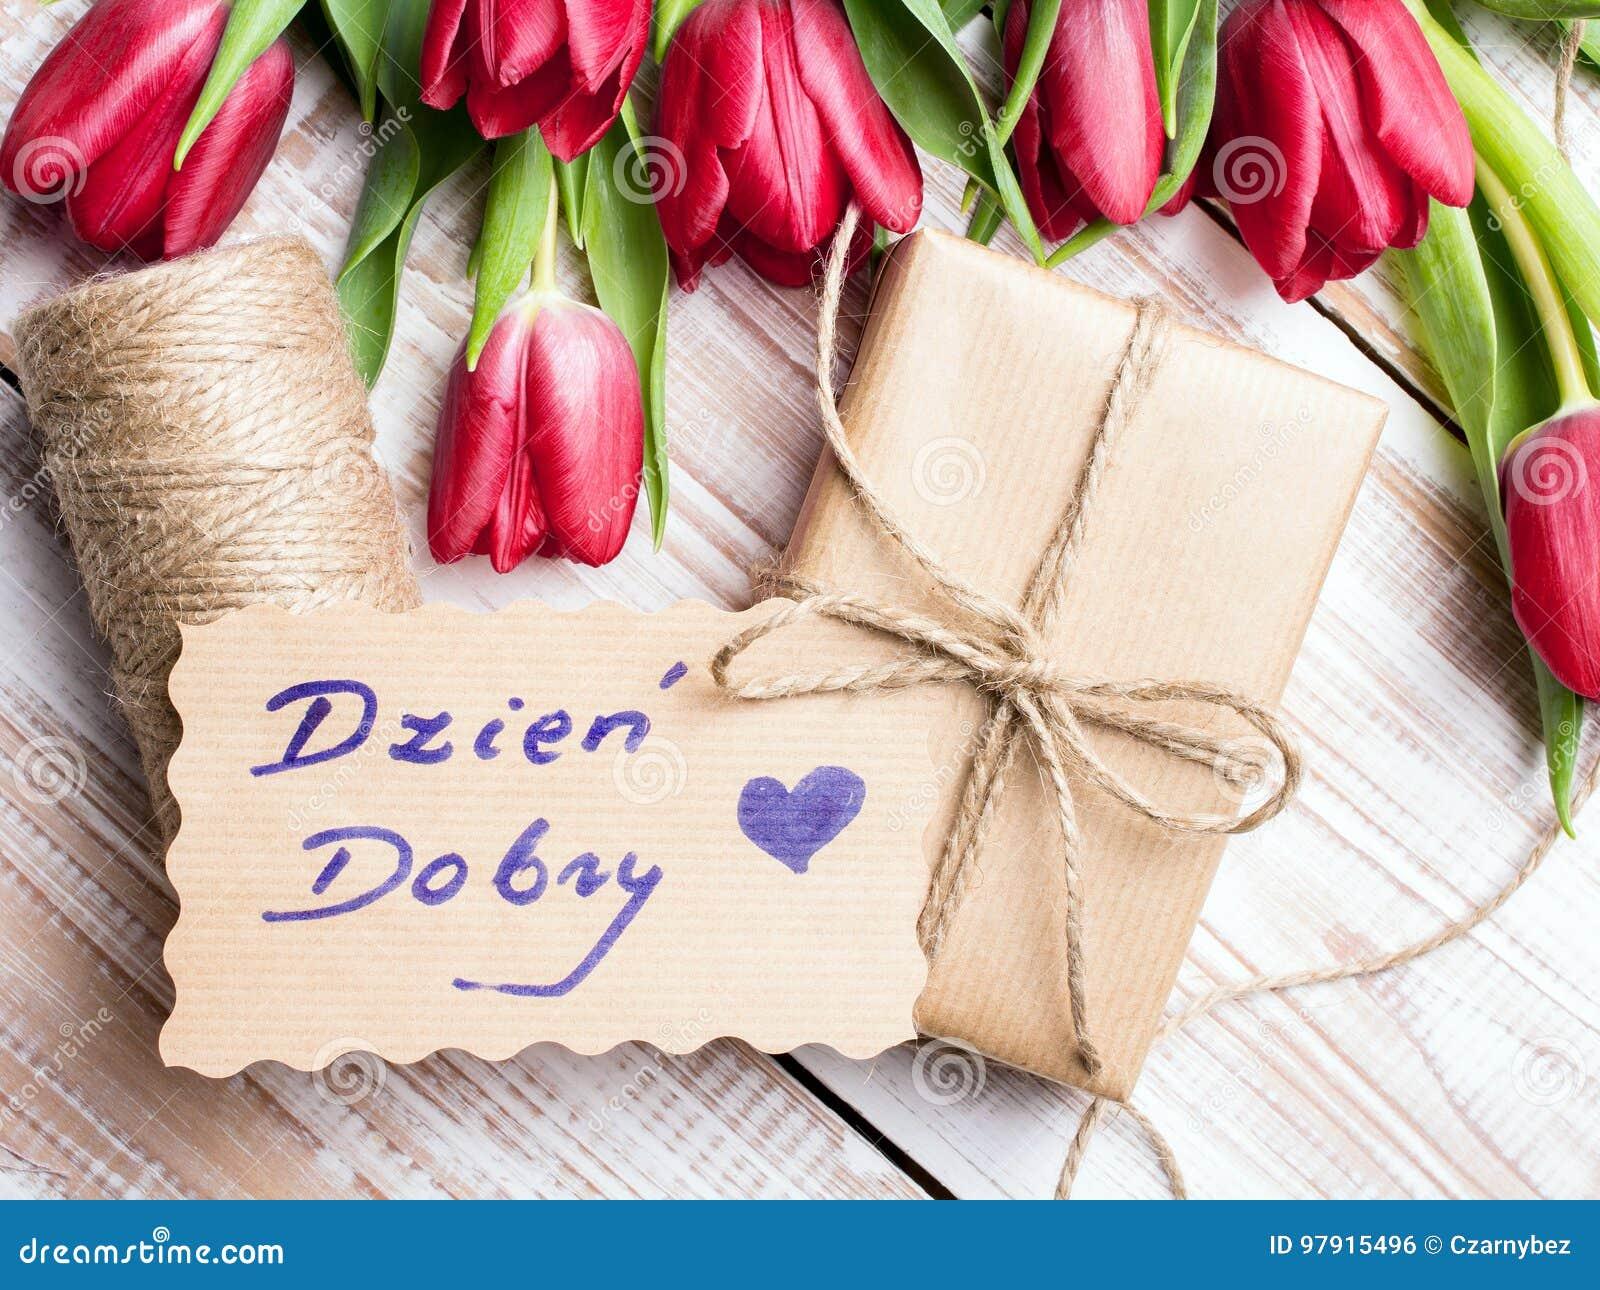 Polnisches Fasst Guten Morgen Und Blumenstrauß Von Tulpen Ab